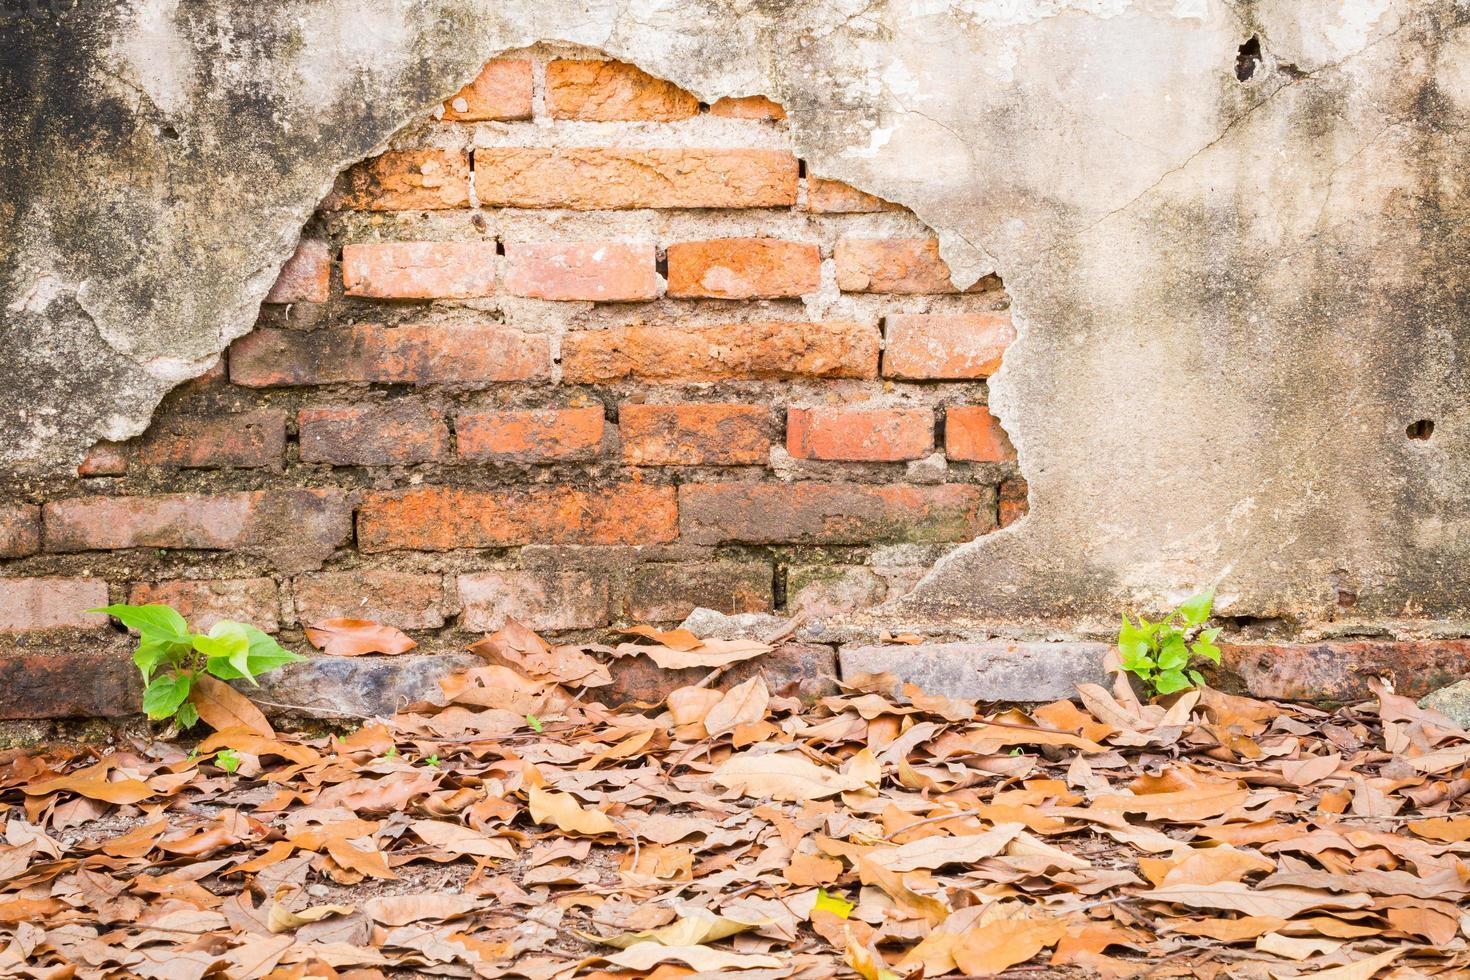 béton fissuré vintage brique vieux fond de mur. photo